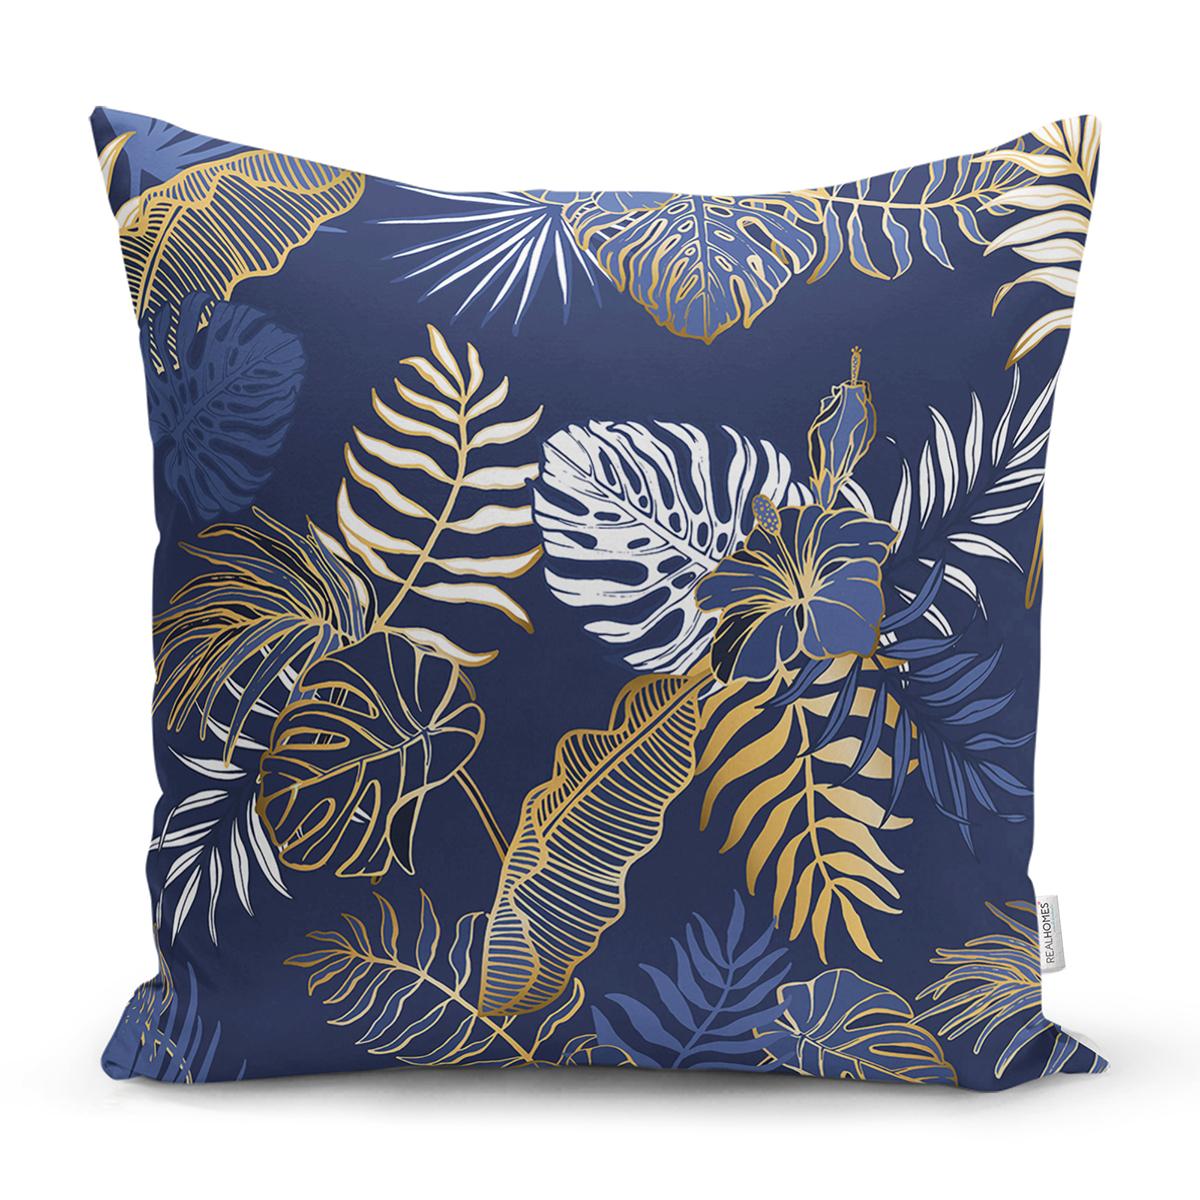 Mavi Zemin Üzerinde Gold Detaylı Yaprak Desenli Modern Yastık Kırlent Kılıfı Realhomes